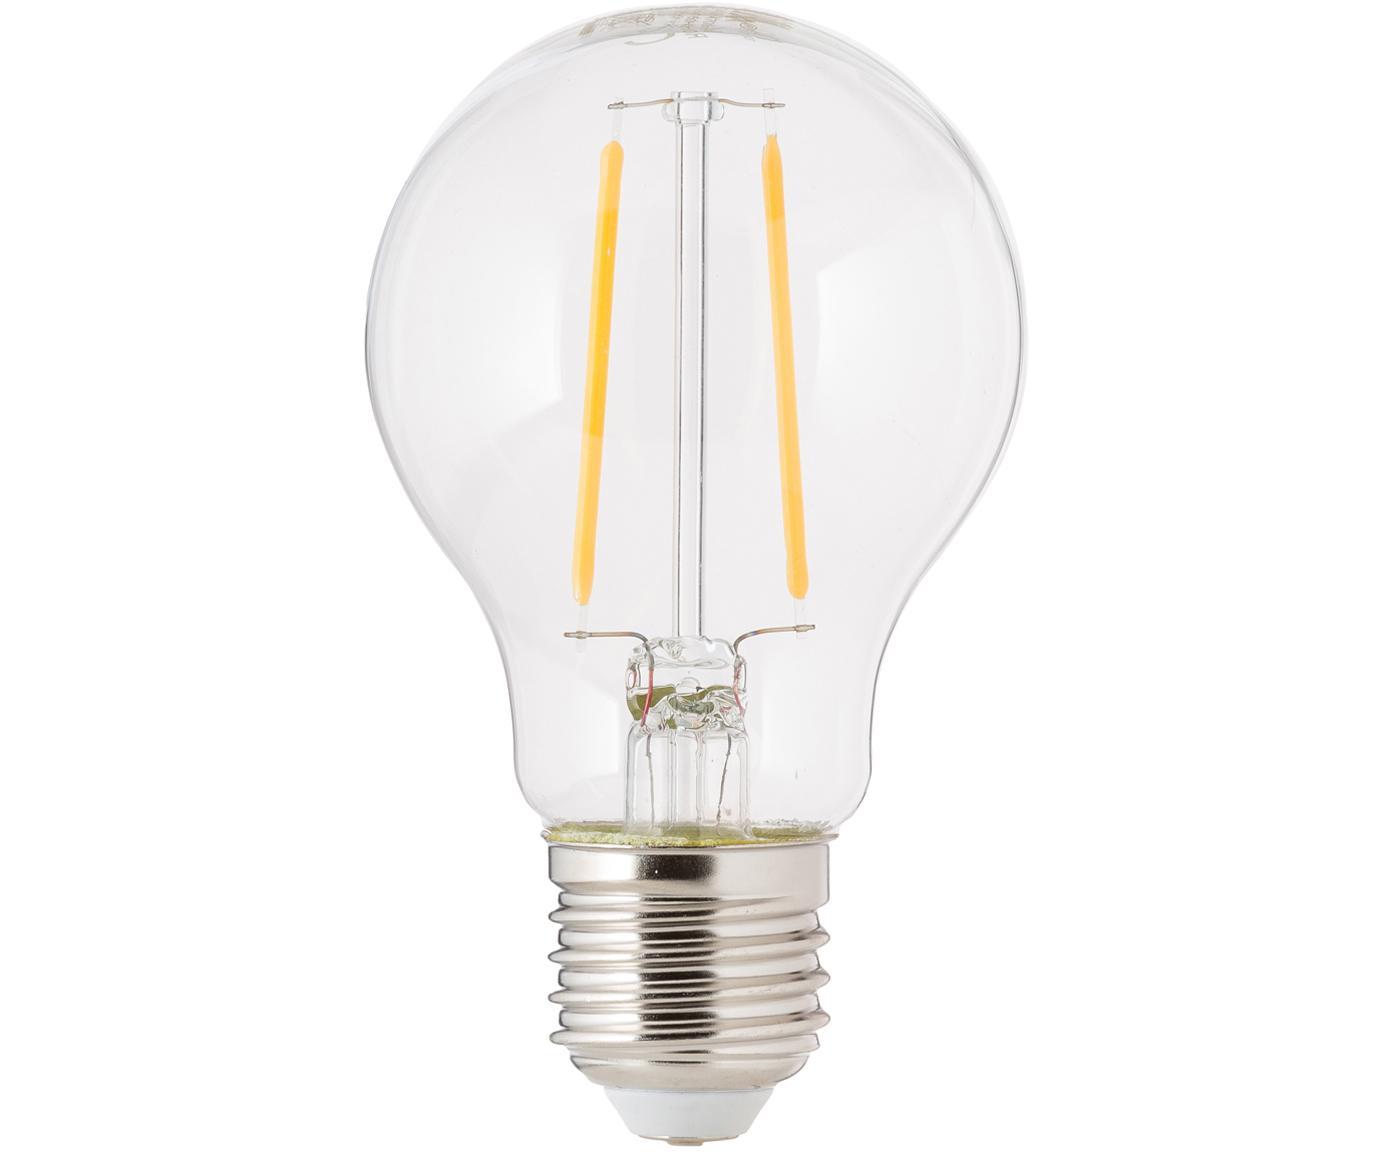 Żarówka LED Humiel (E27/4,6 W), 6 szt., Transparentny, Ø 8 x W 10 cm